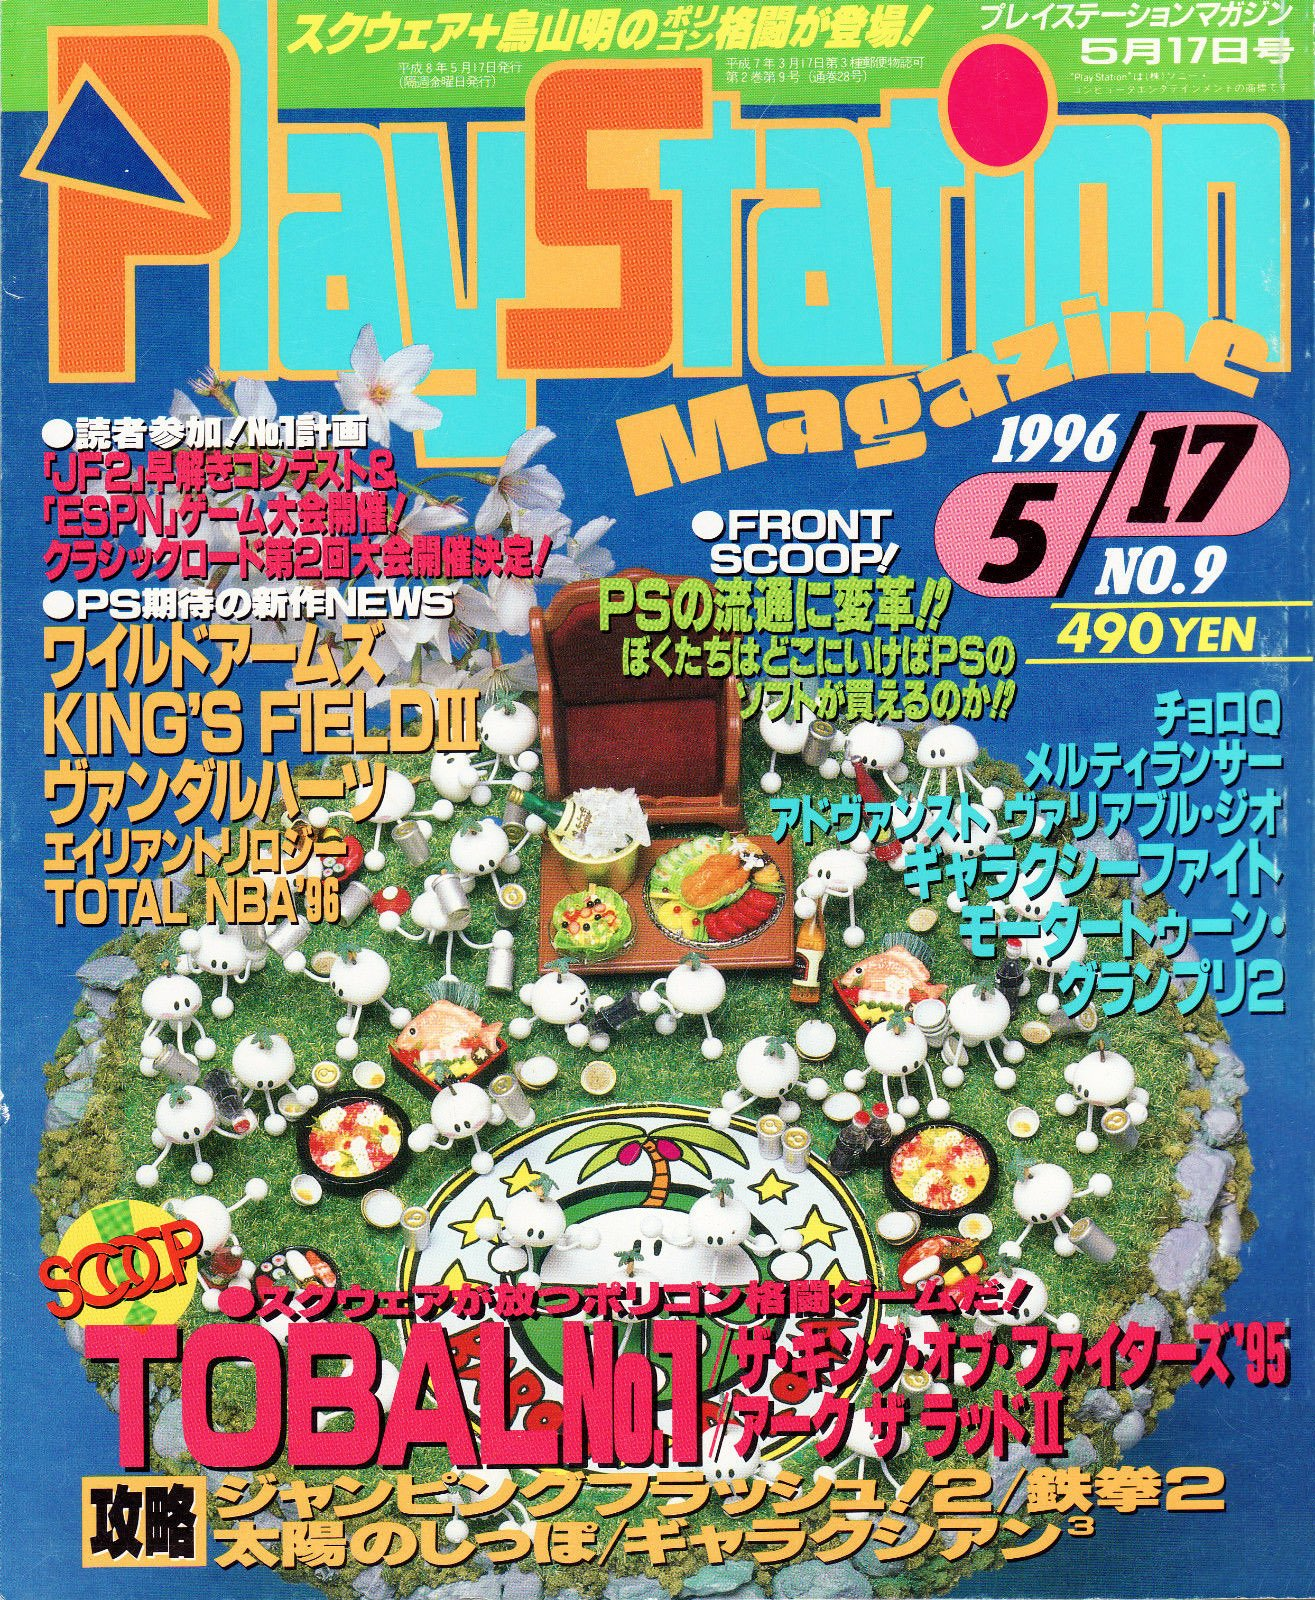 PlayStation Magazine Vol.2 No.09 (May 17, 1996)